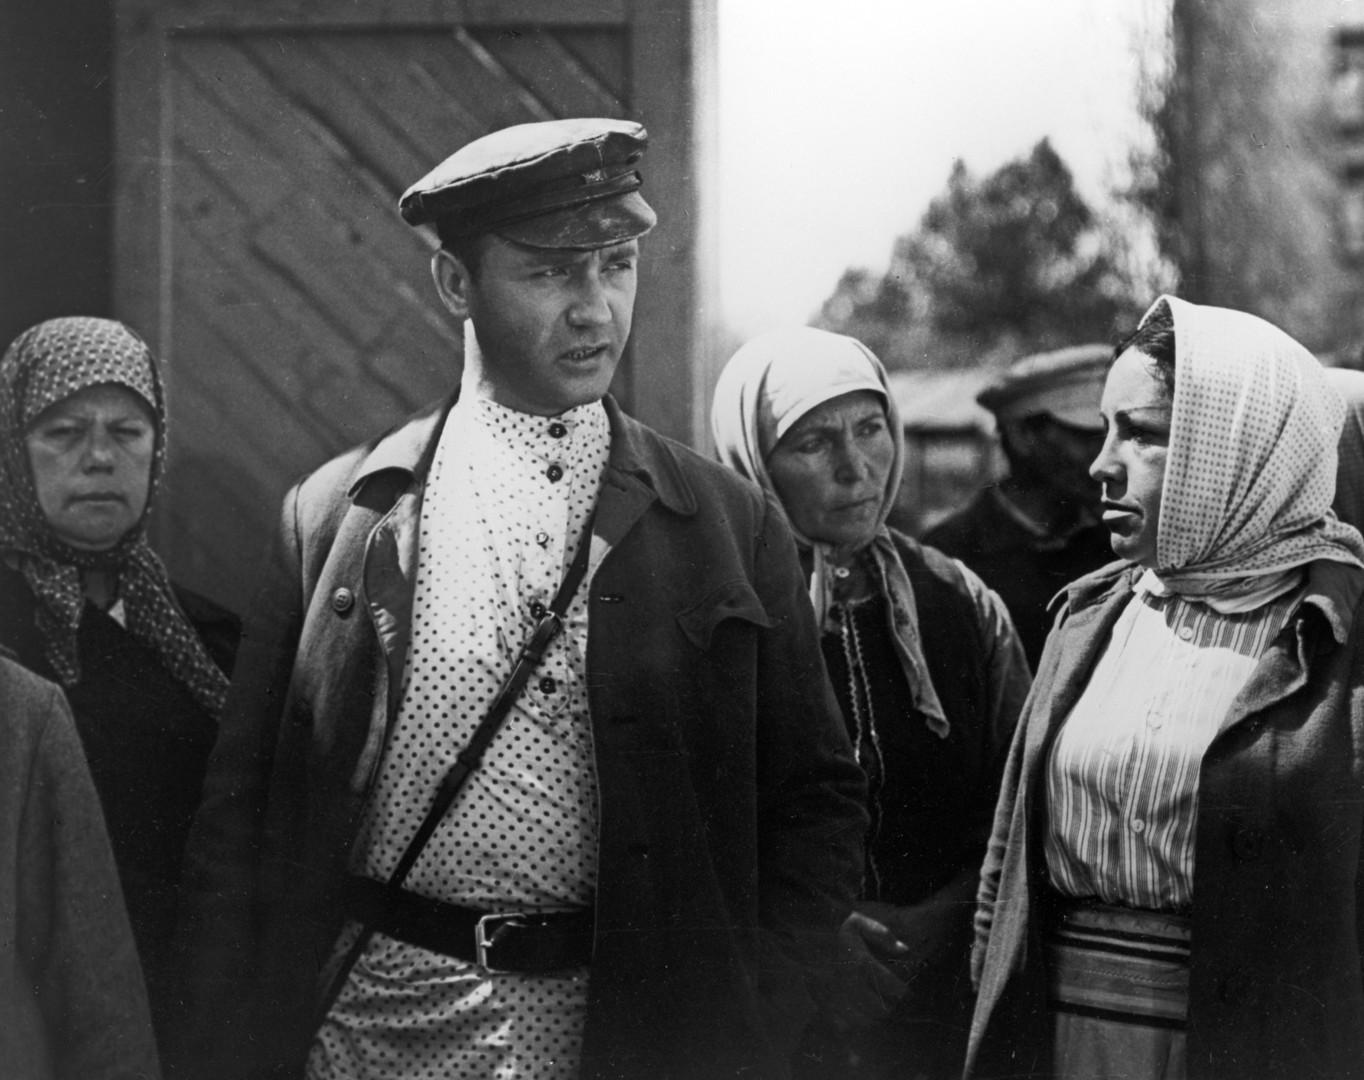 Кадр из художественного фильма «Гори, гори, моя звезда», снятого режиссёром Александром Миттой в 1970 году на киностудии «Мосфильм». В роли комиссара — Леонид Куравлёв.